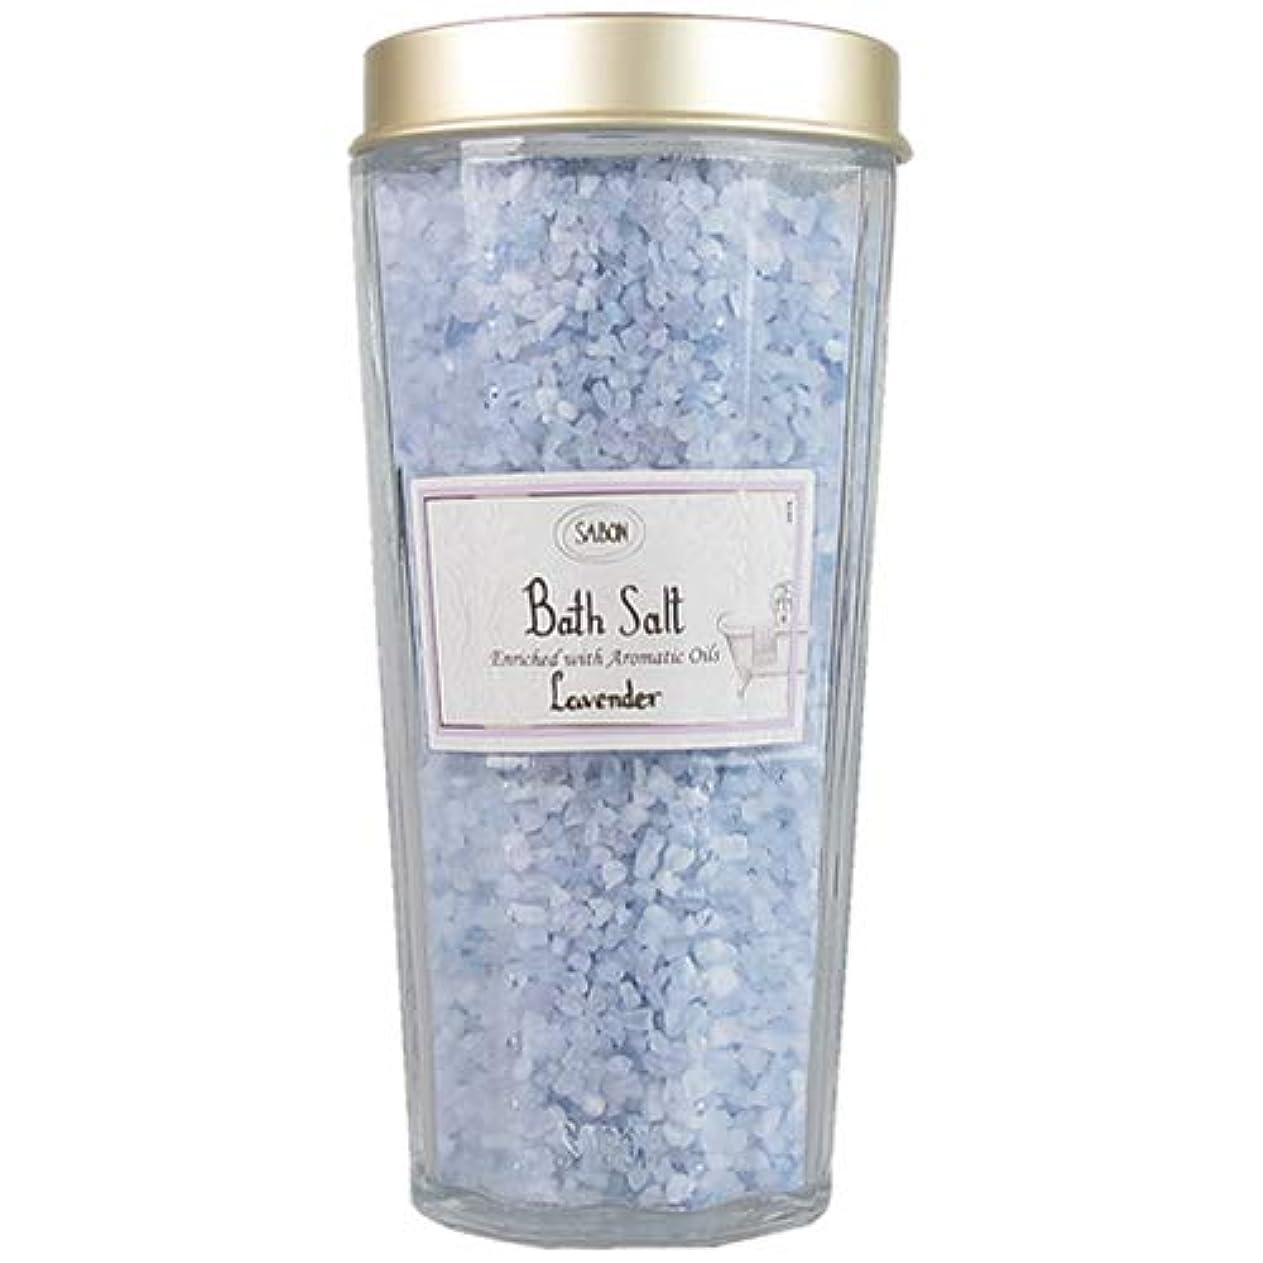 テセウス謝罪中にサボン バスソルト ラベンダー 350g SABON [入浴剤] Bath Salt [並行輸入品]